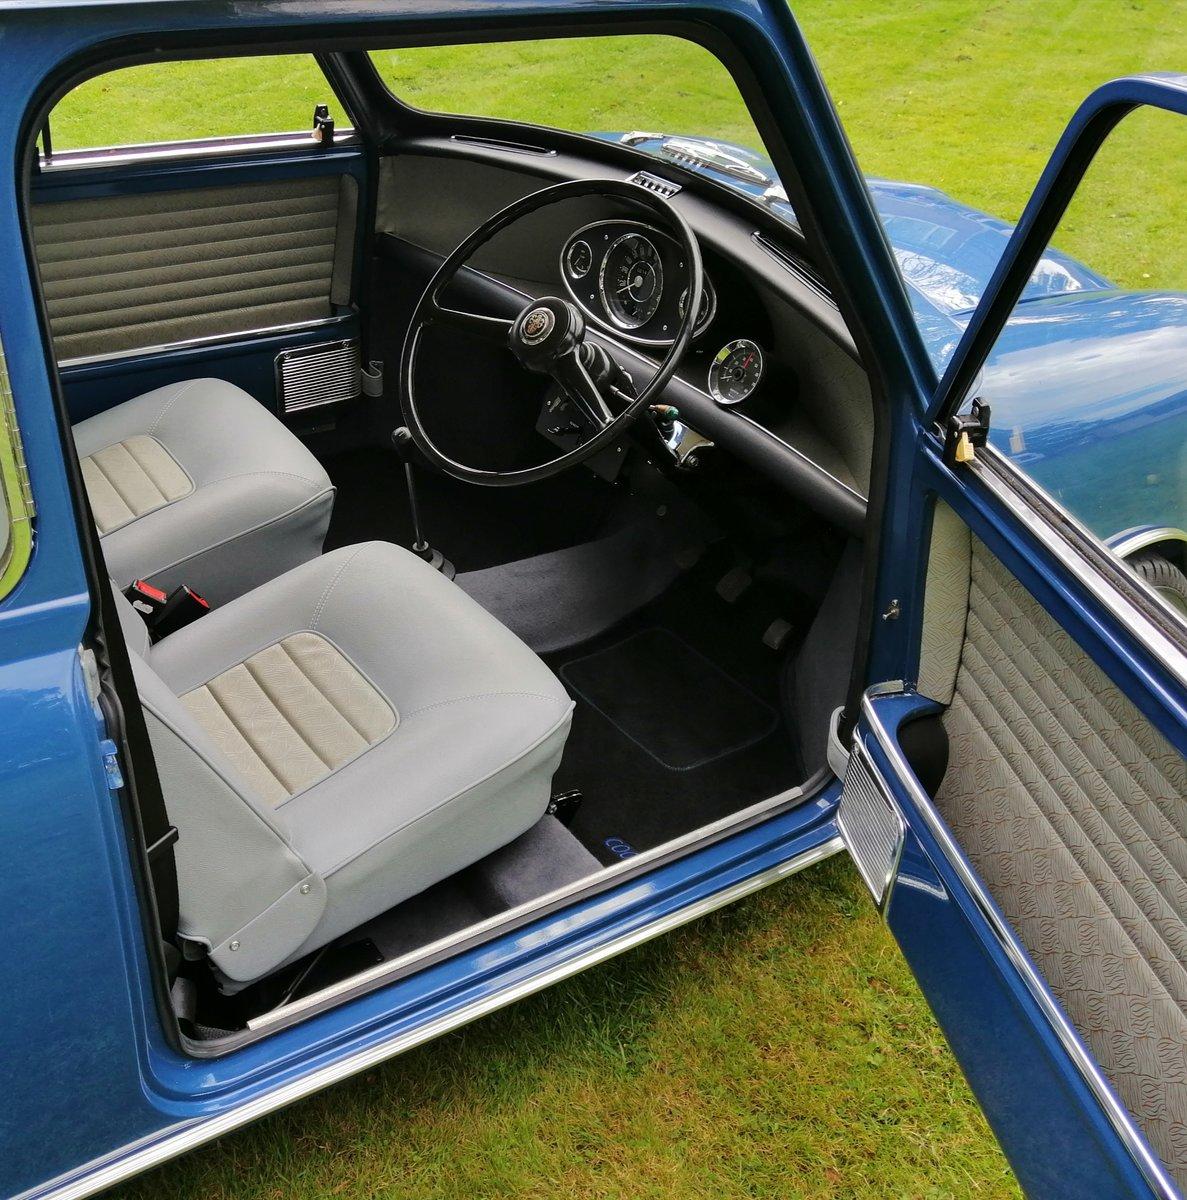 1967 Austin mini cooper s mk1 1275cc For Sale (picture 4 of 6)